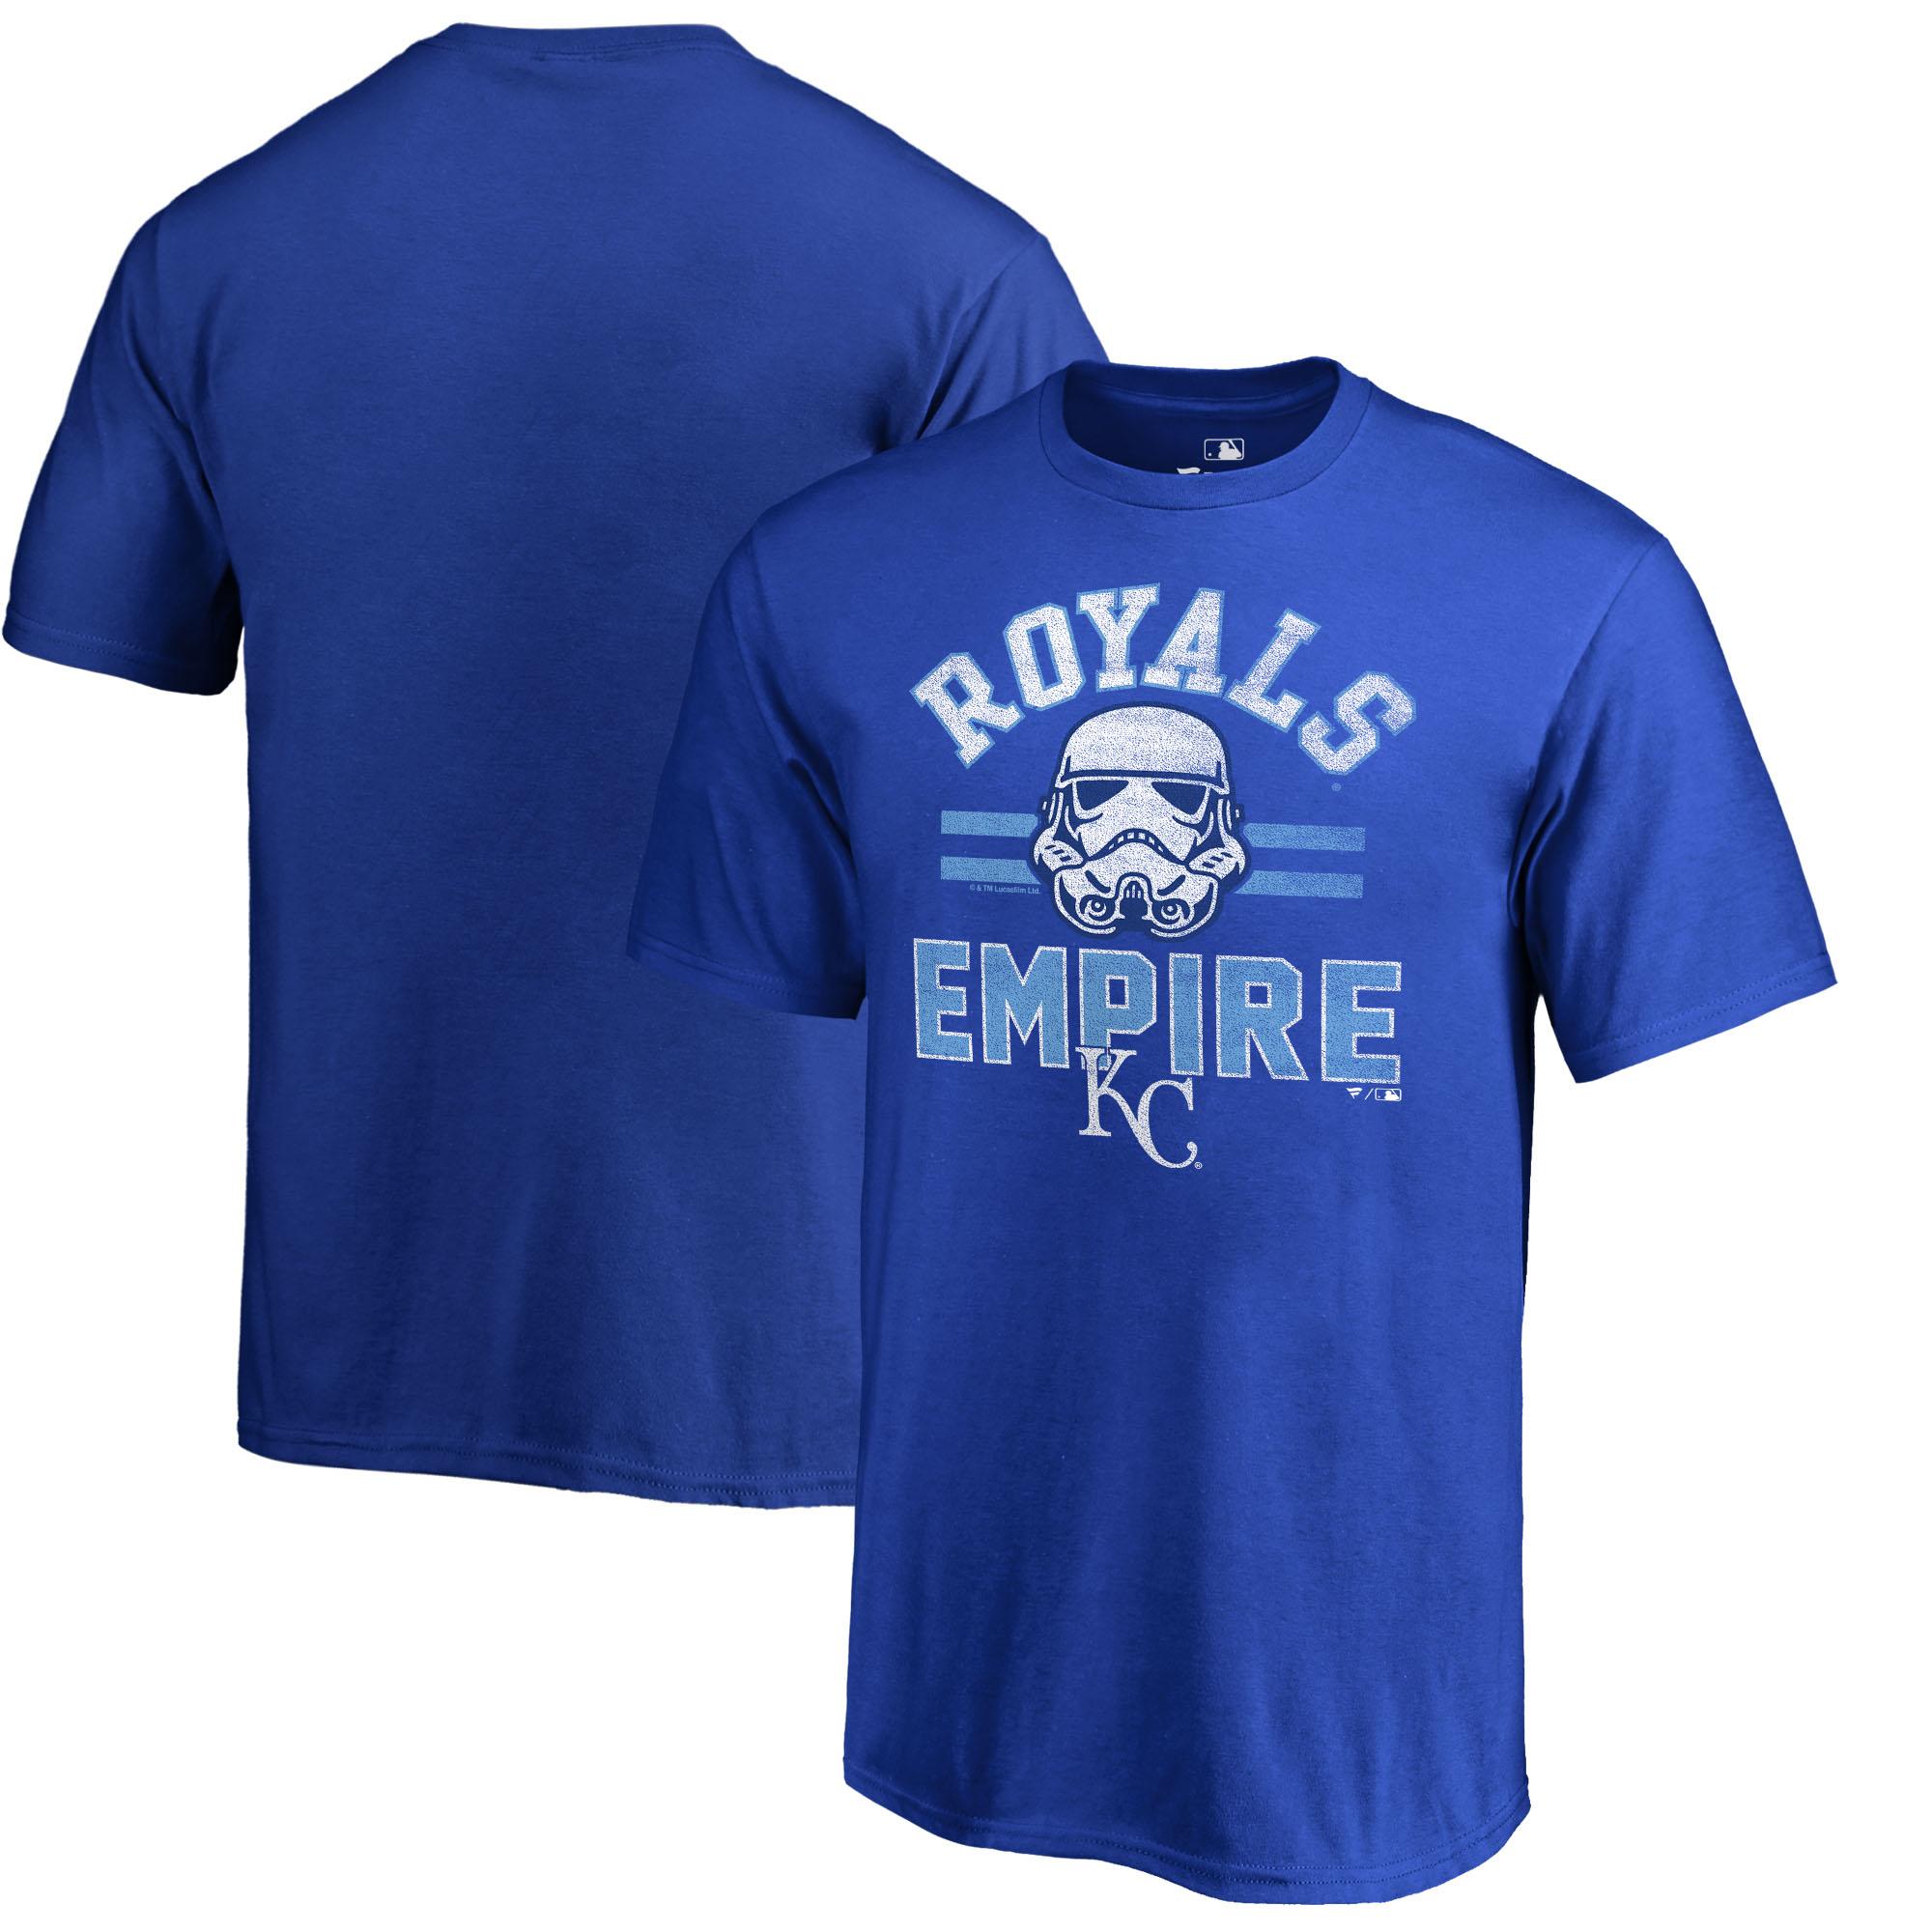 Kansas City Royals Fanatics Branded Youth MLB Star Wars Empire T-Shirt - Royal